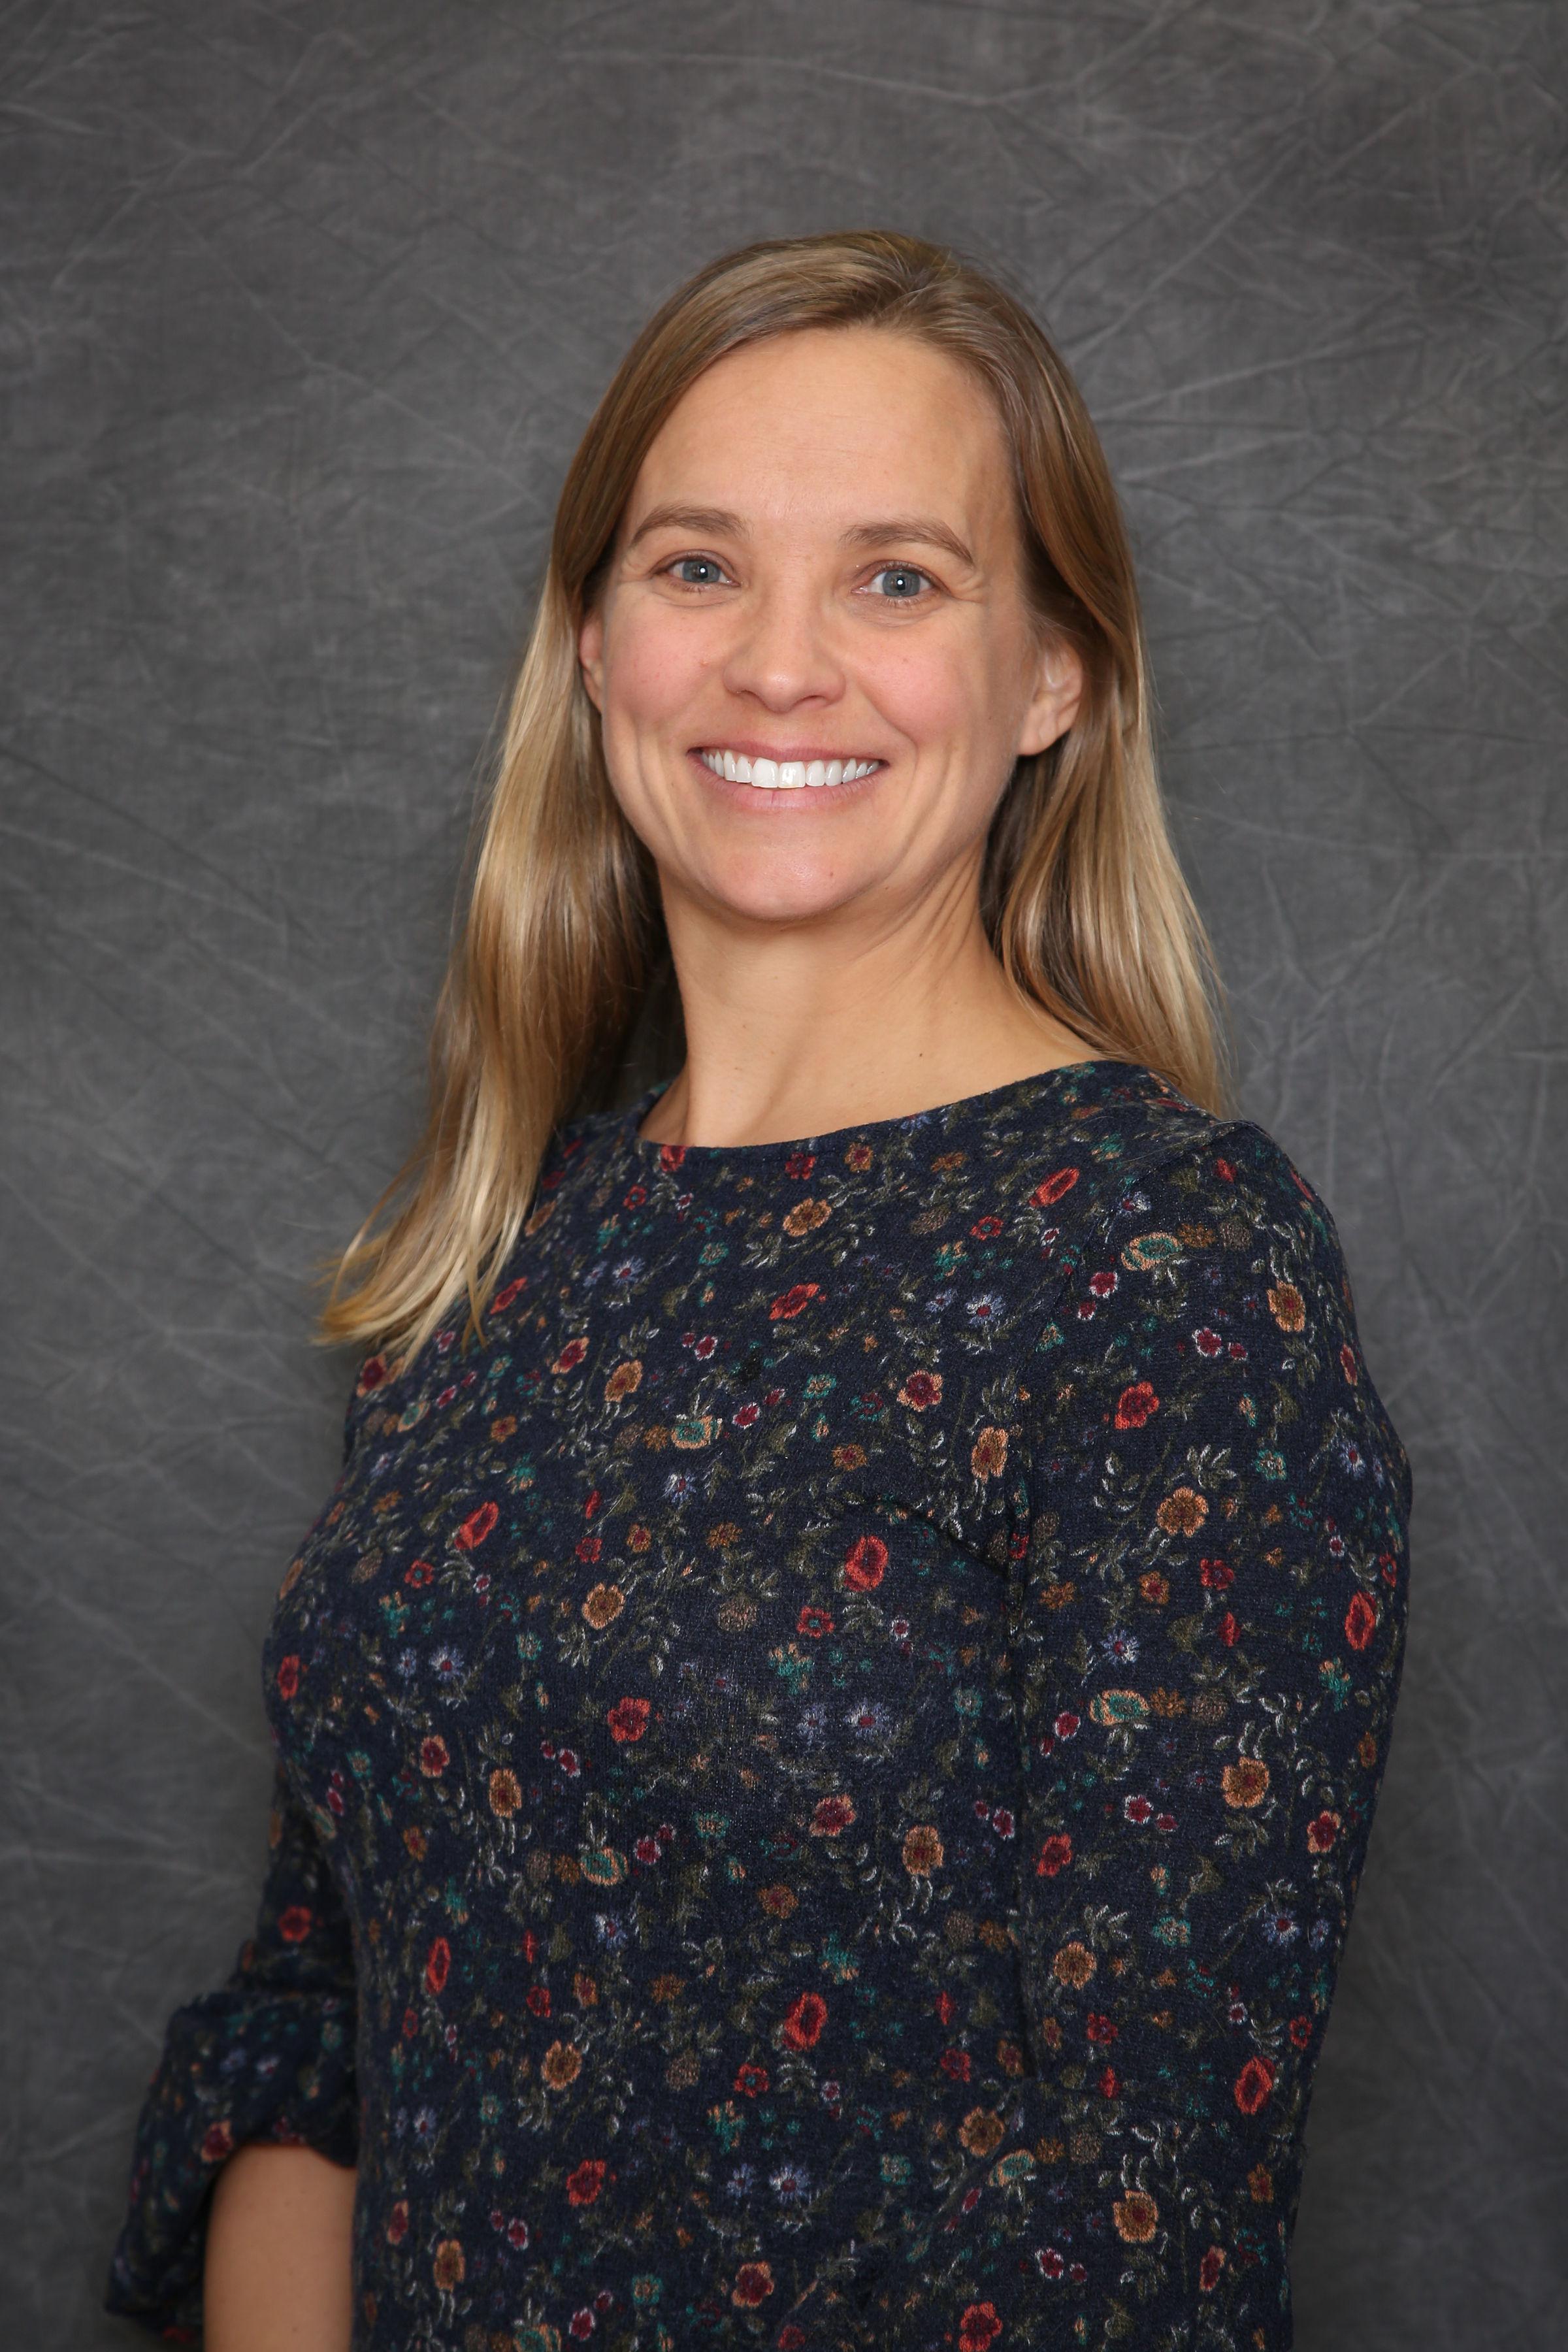 Dana Bensinger